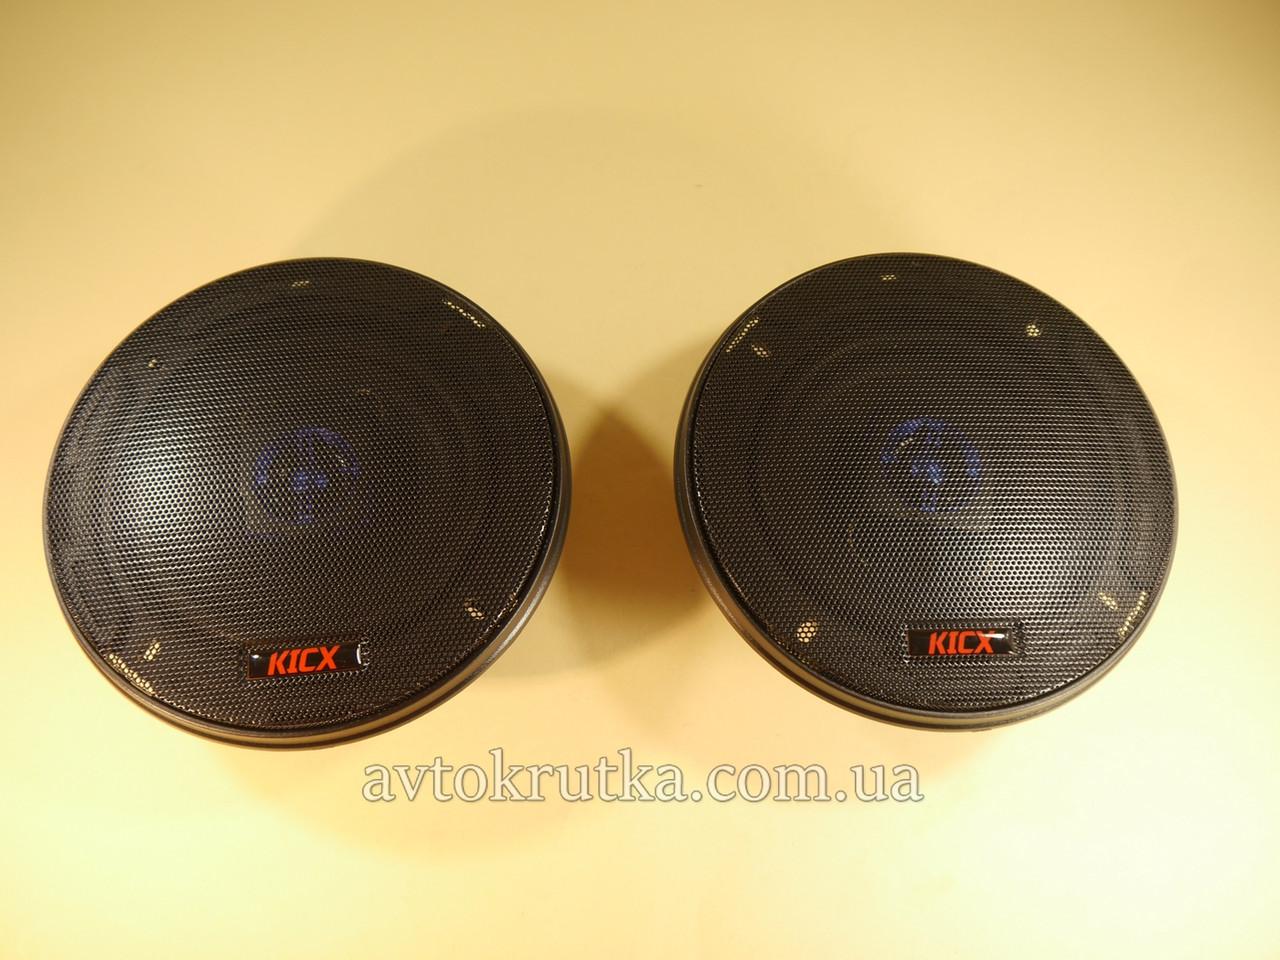 Акустическая система Kicx QR-502